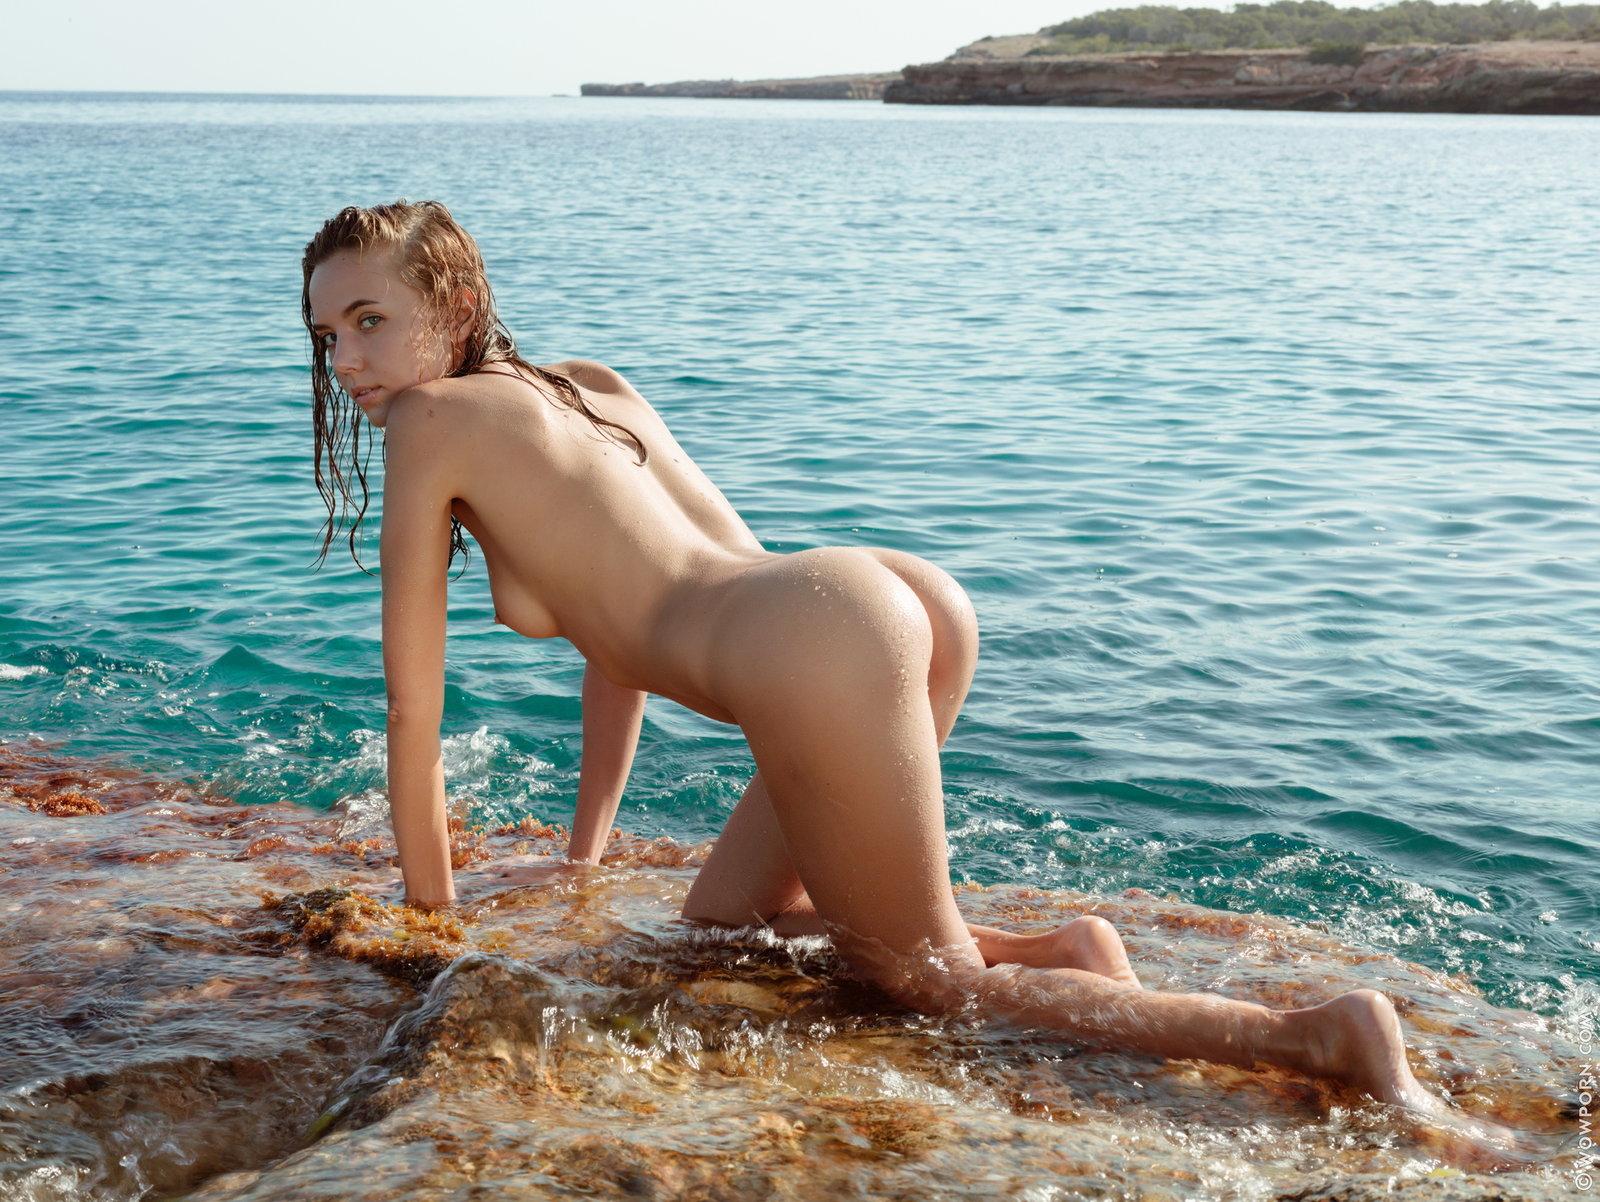 Рассказ голышом на море, Эротический рассказ - Приключение на море 17 фотография